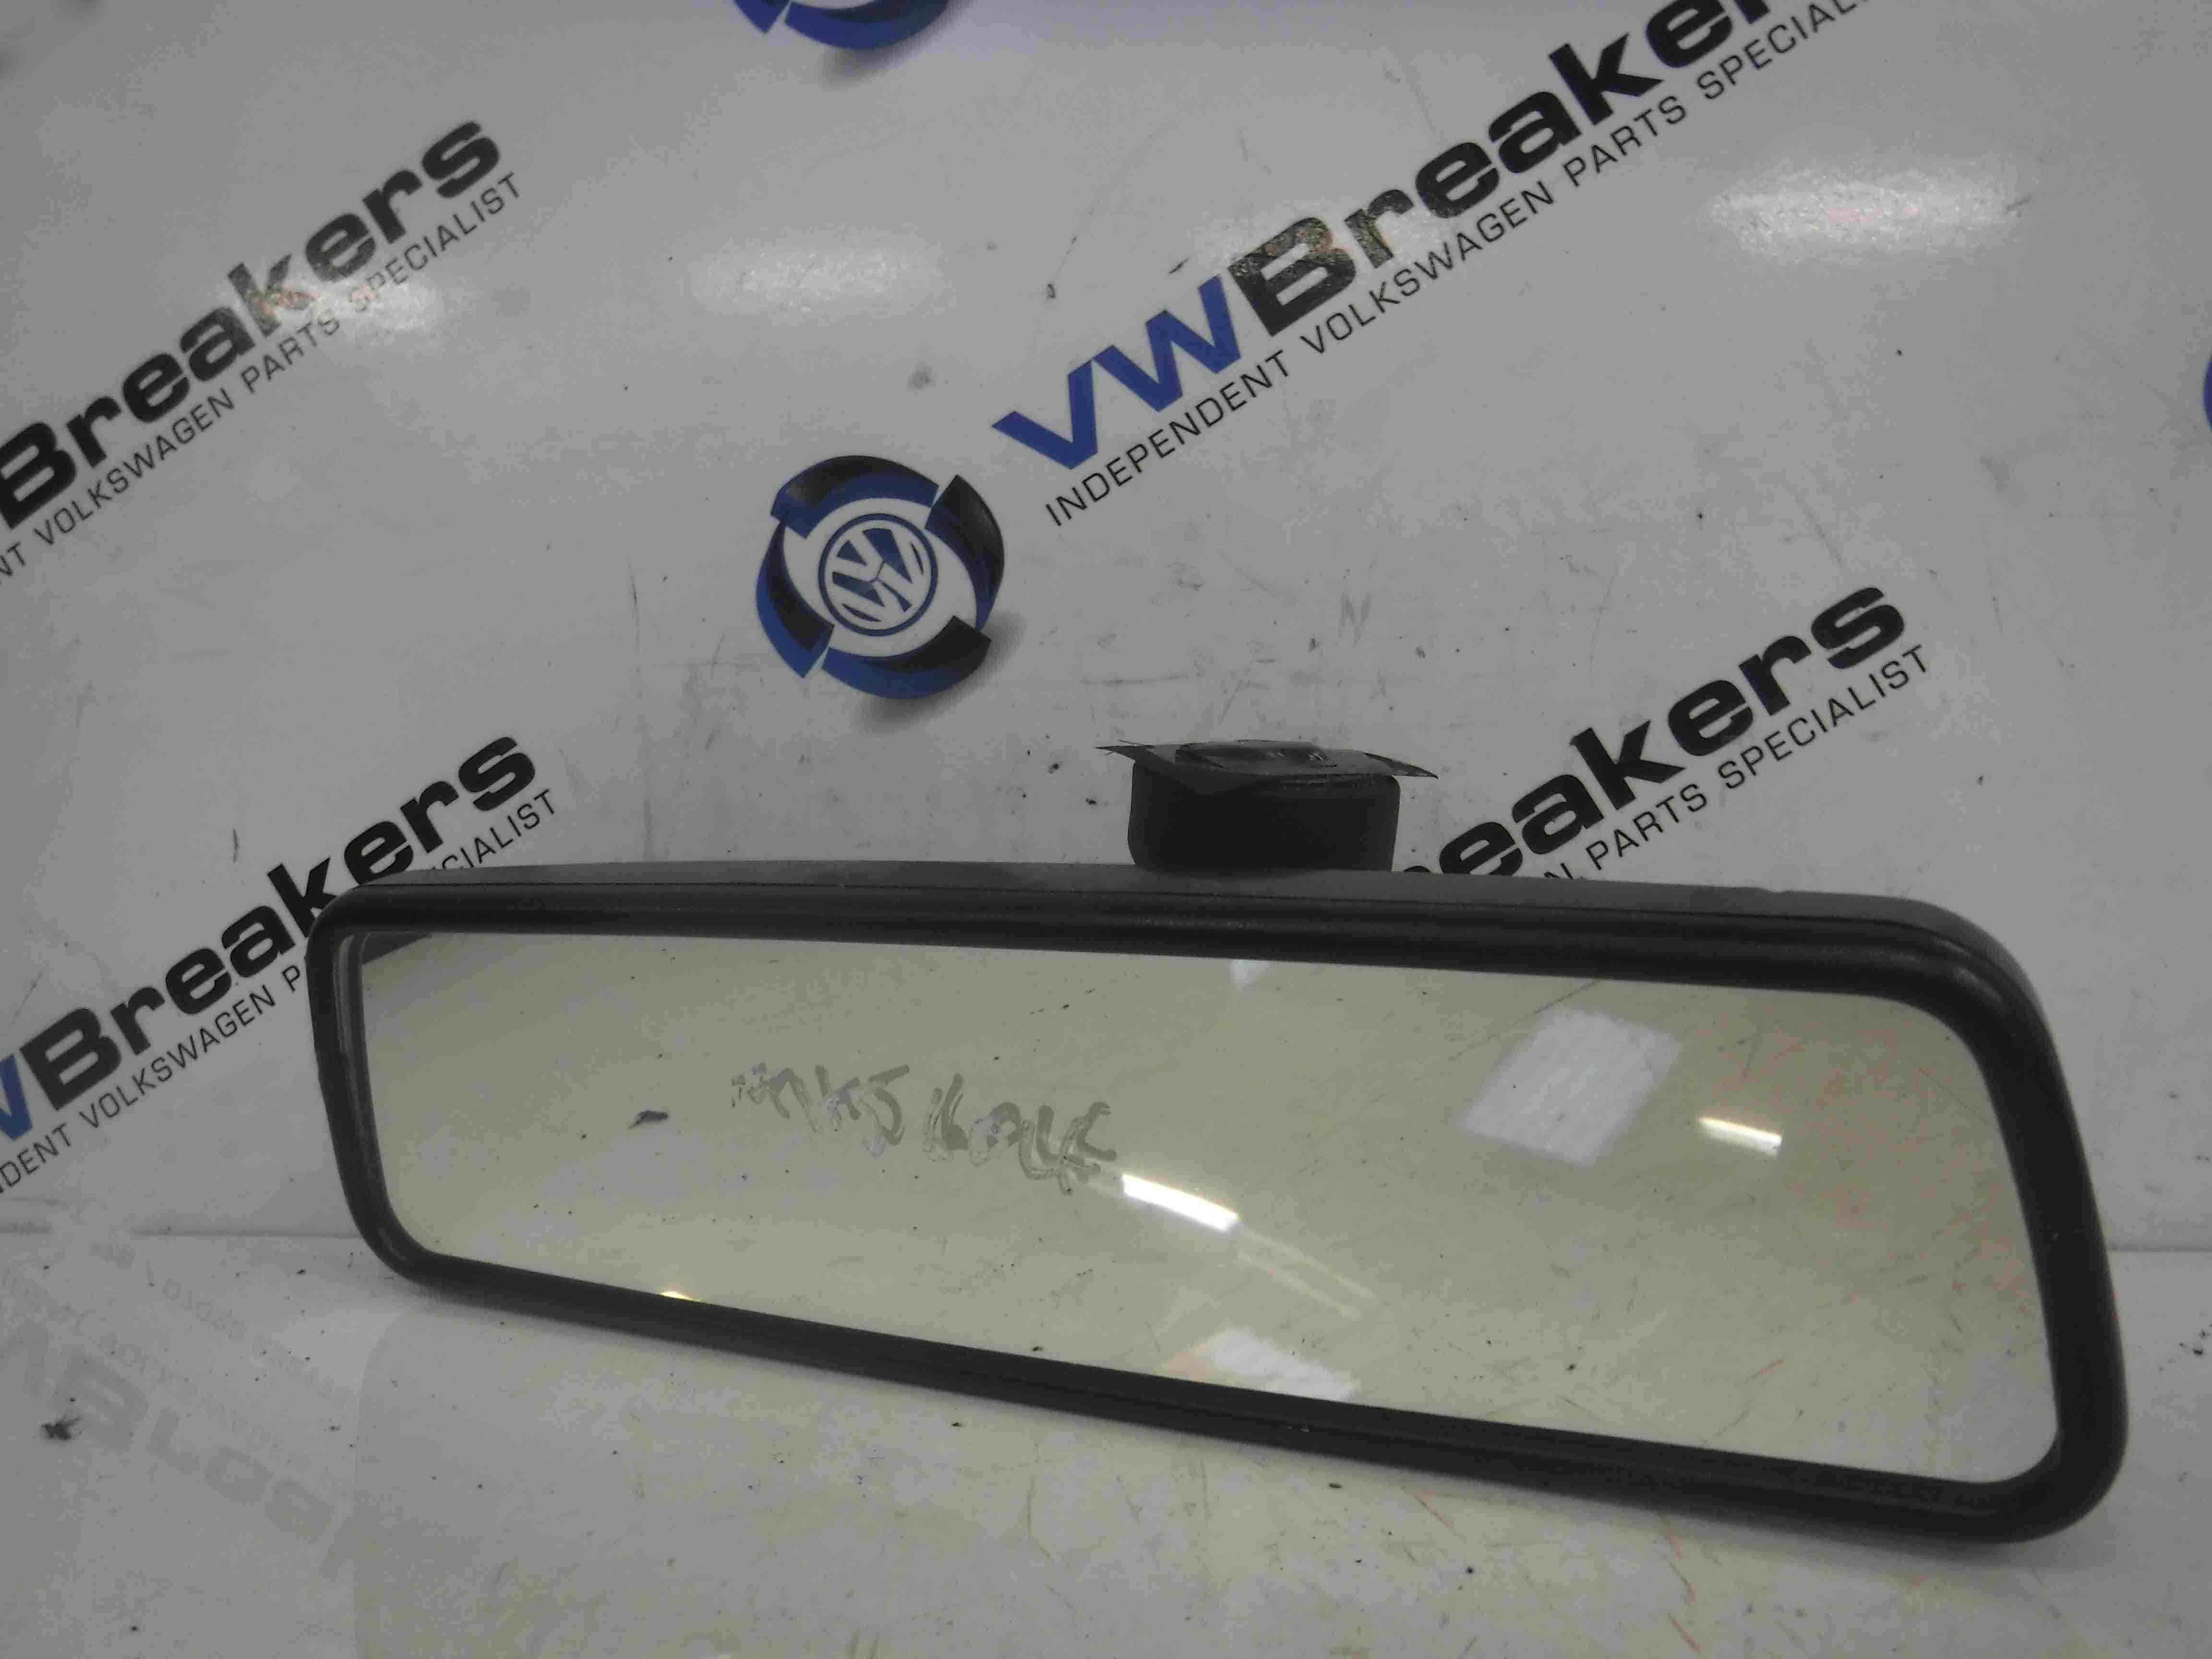 Volkswagen Golf MK5 2003-2009 Rear View Mirror Black